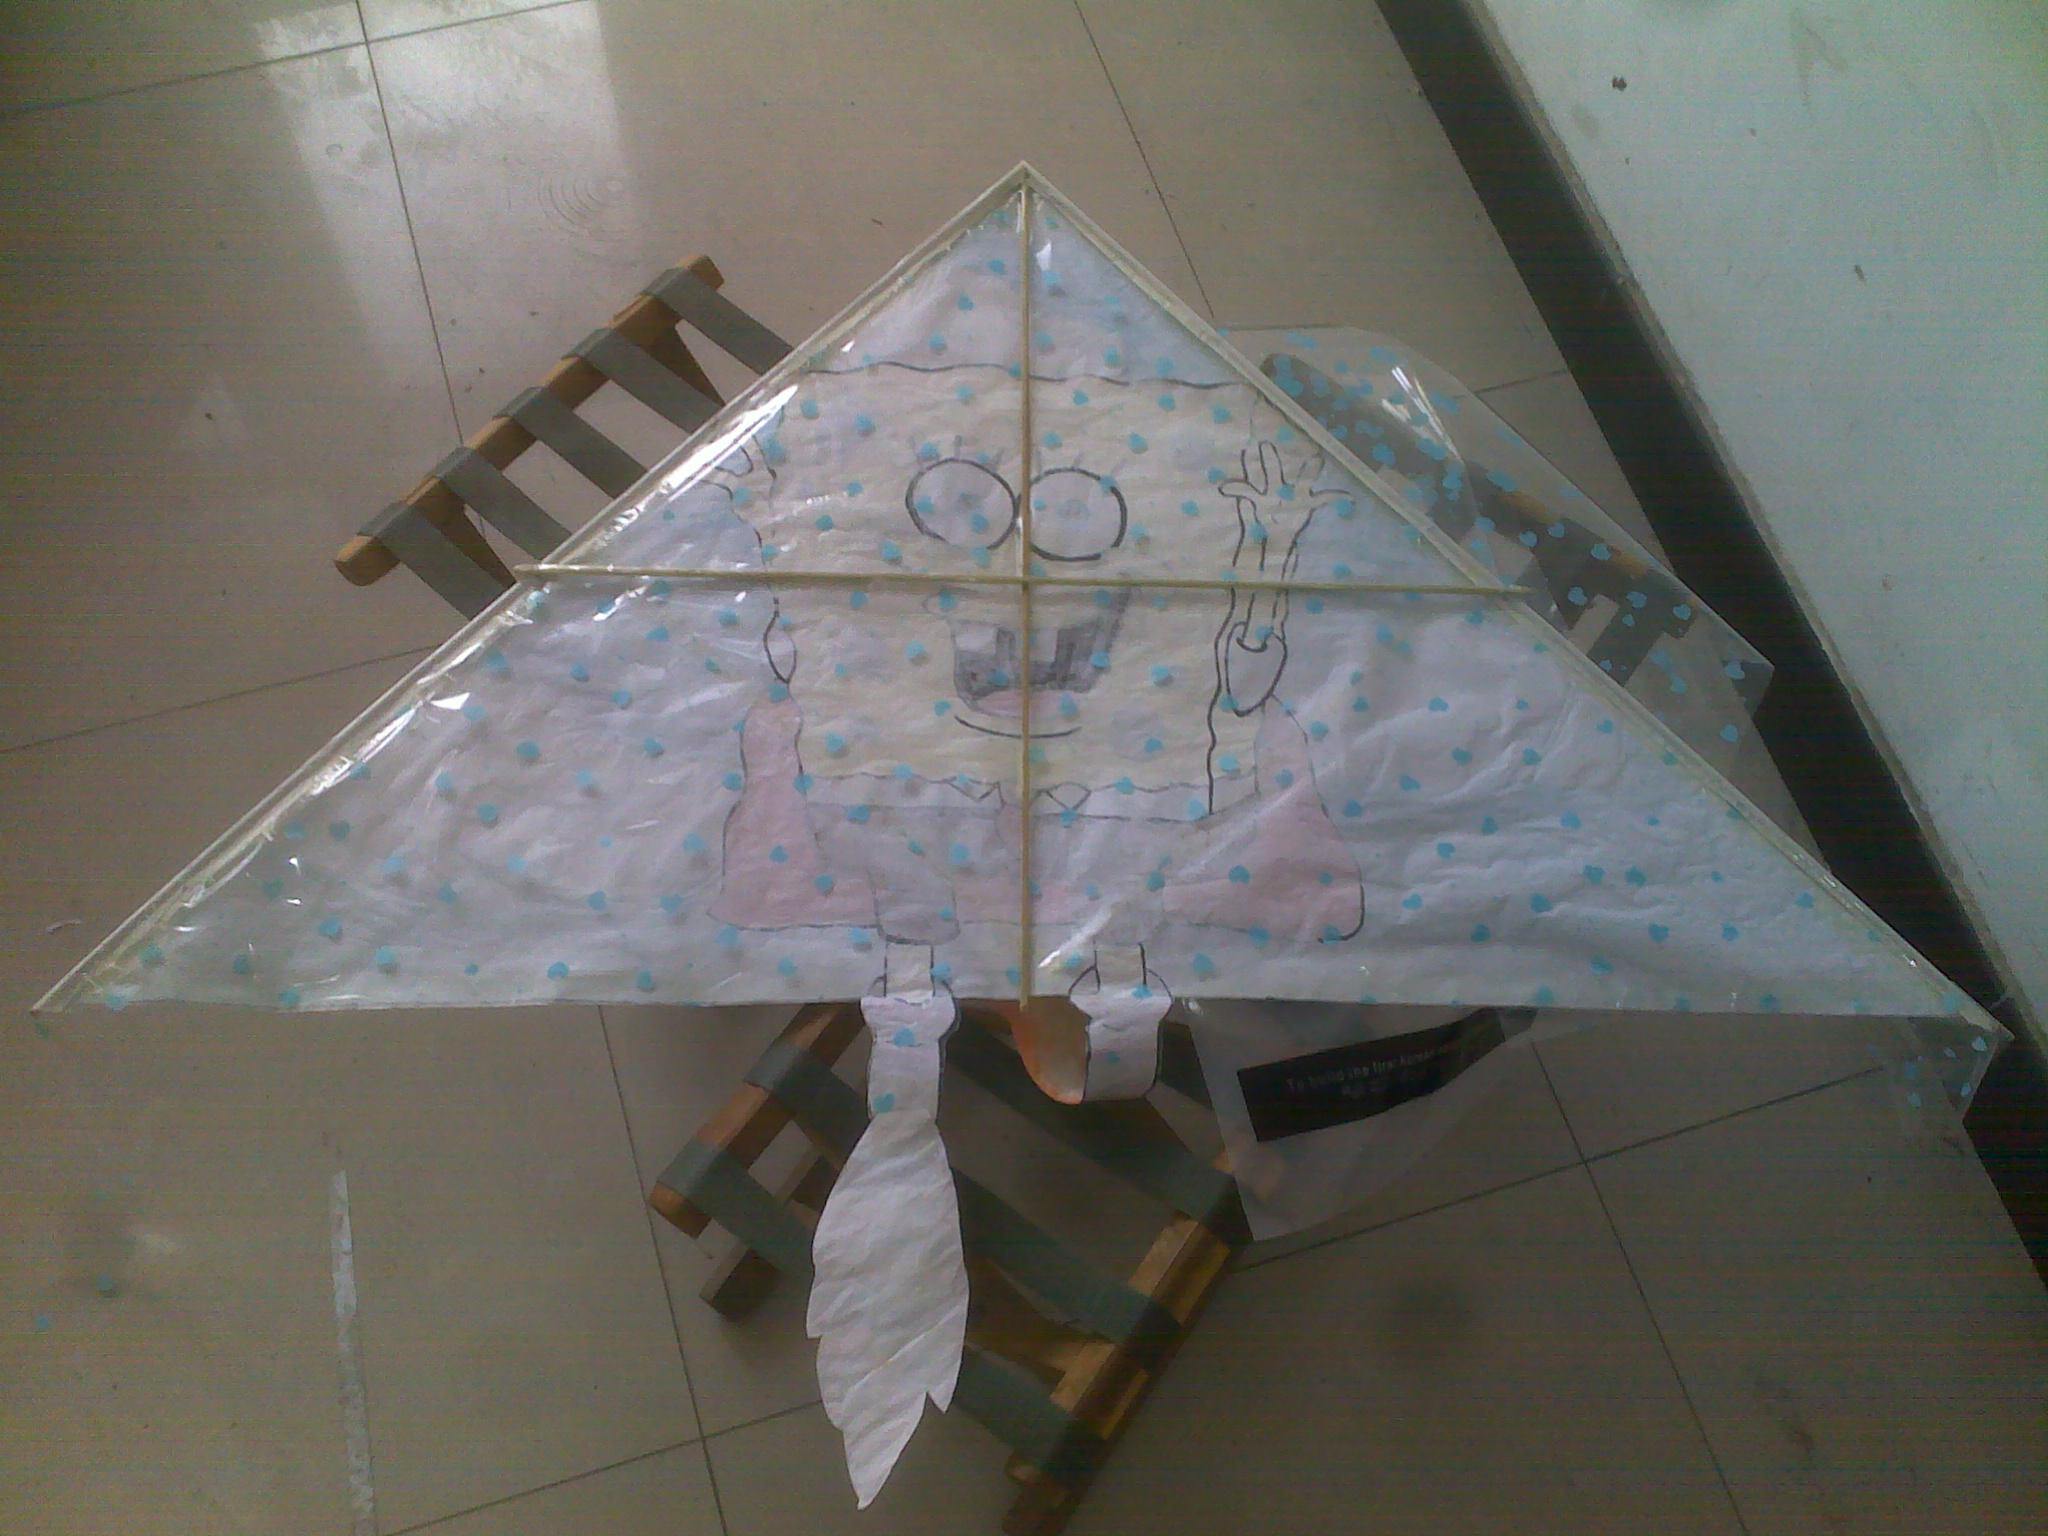 三角形风筝如何绑线请说明详细谢谢